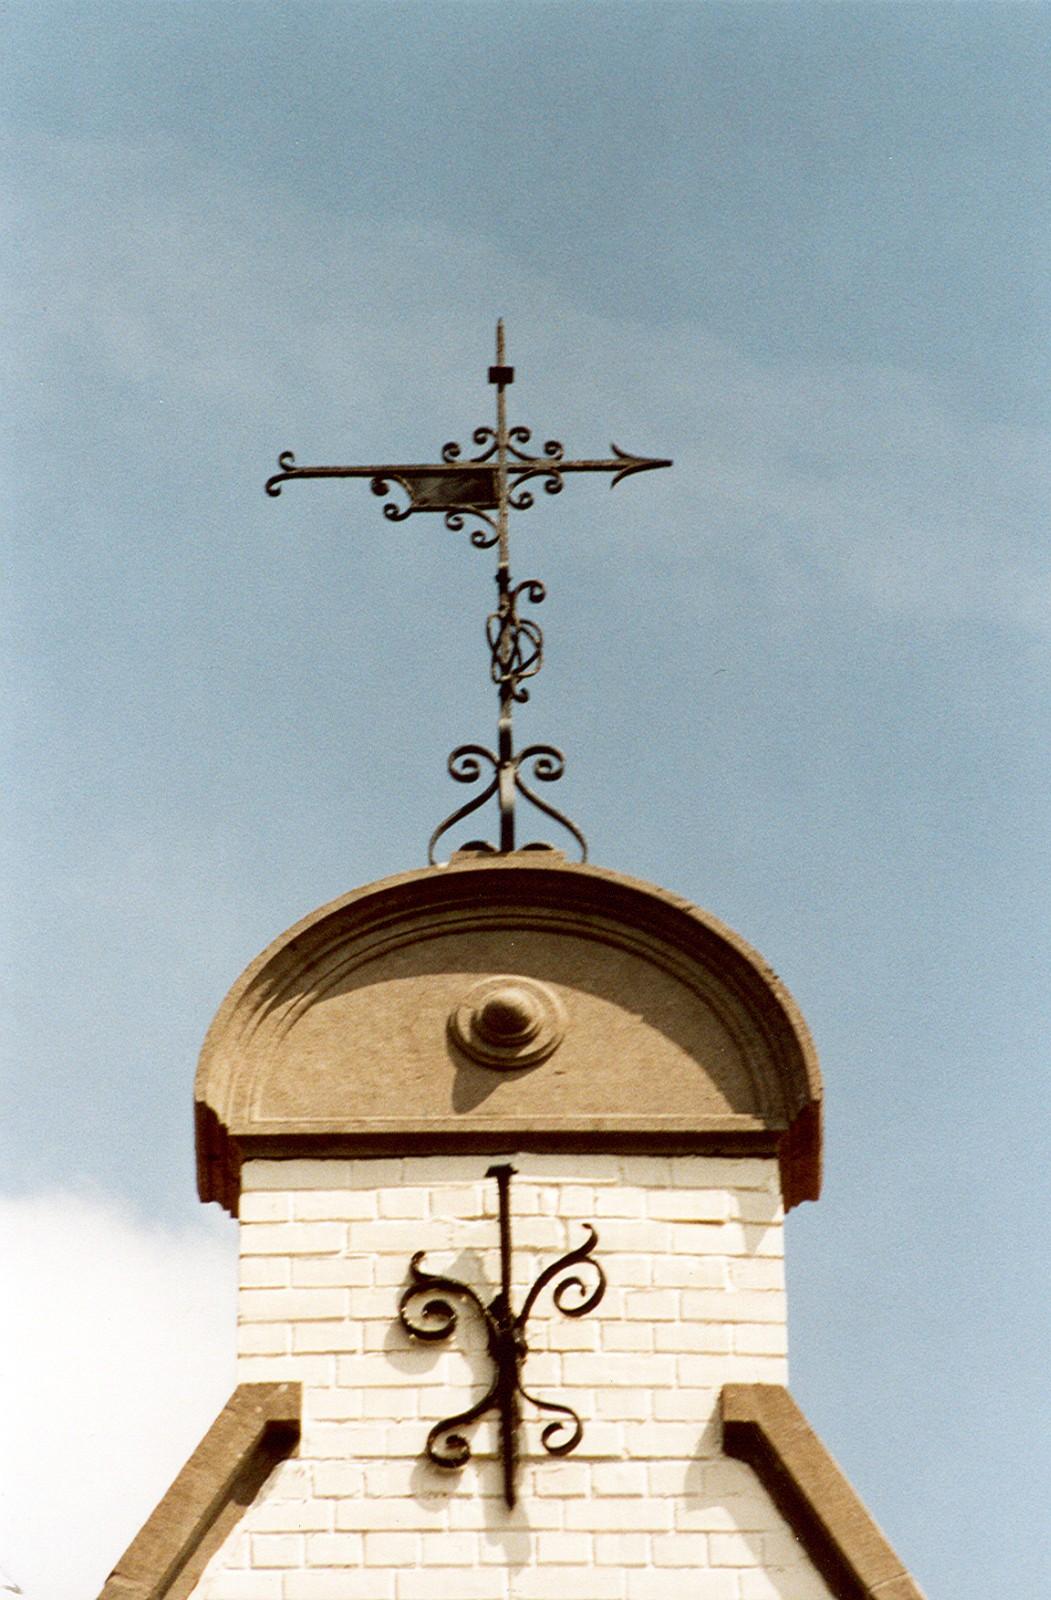 Ancre et girouette en fer forgé, av. des Orangers 14, Woluwe-Saint-Pierre, 1911, architecte Fernand Stiernet., 2003